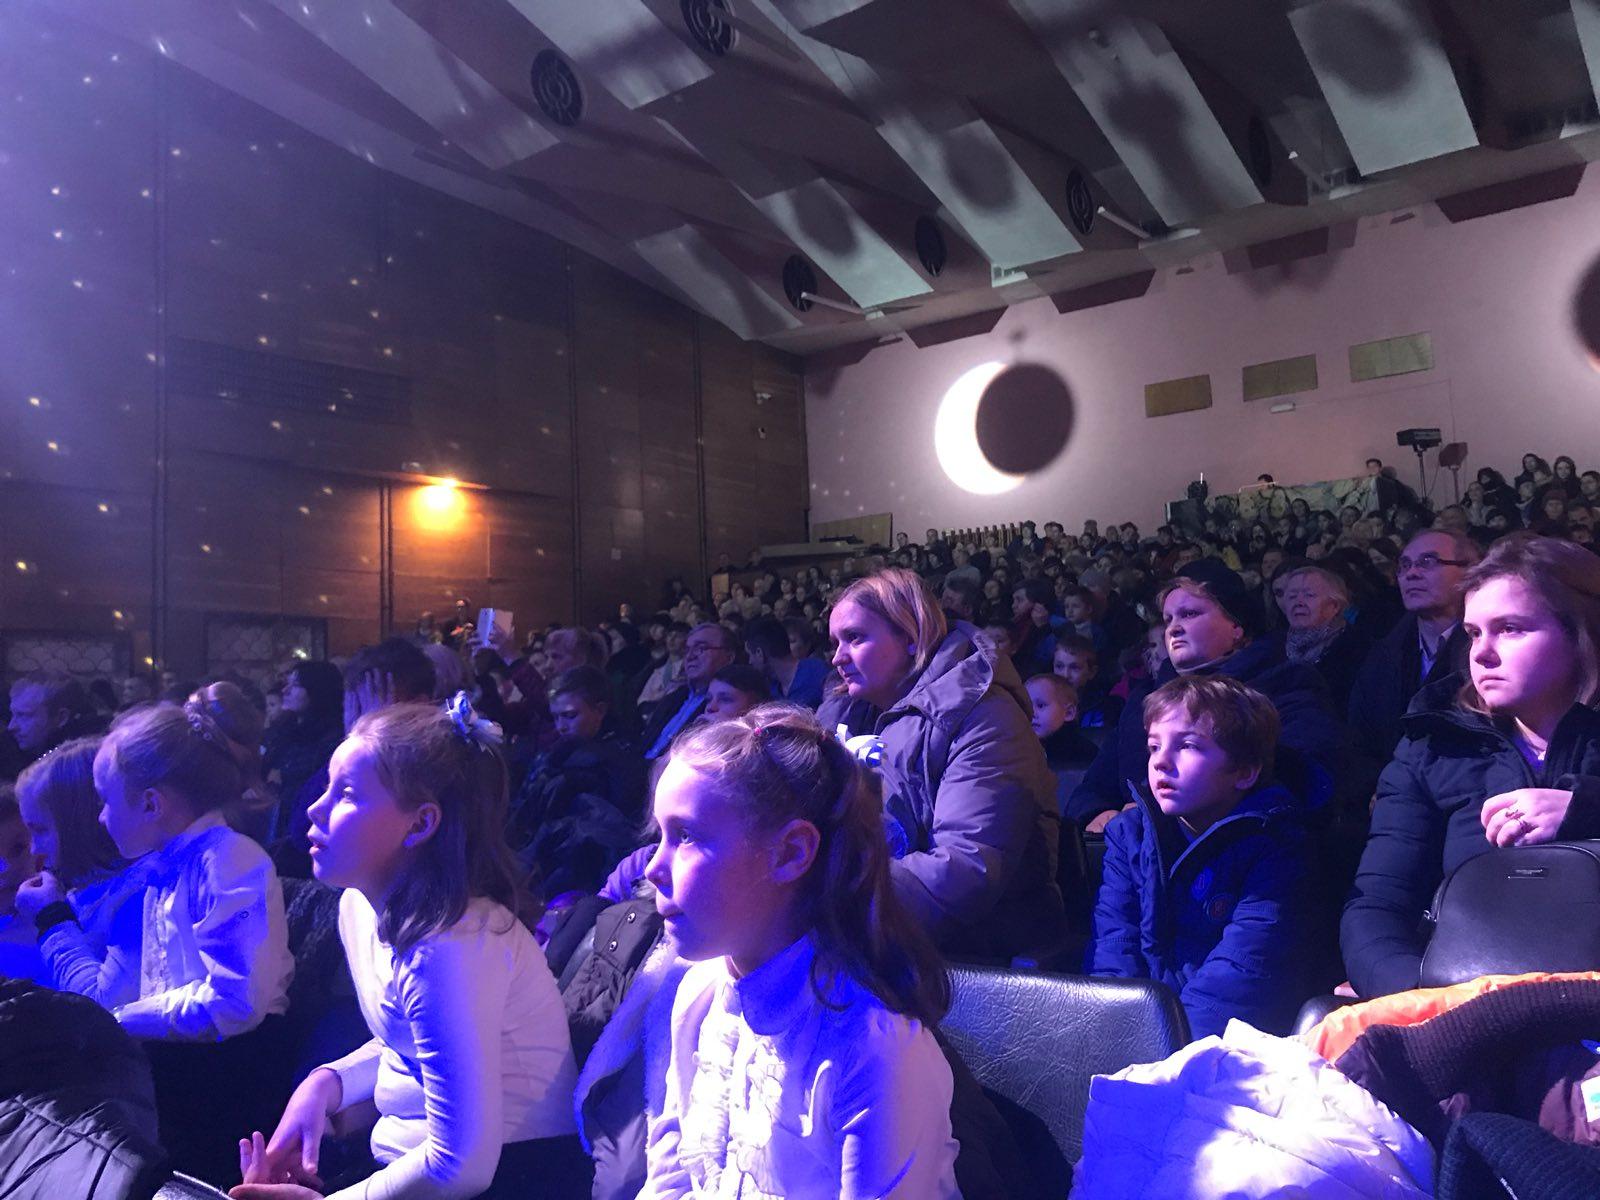 """""""Велика різдвяна подія"""" у Броварах: об'єдналися для допомоги сиротам -  - yzobrazhenye viber 2019 12 24 12 36 11"""